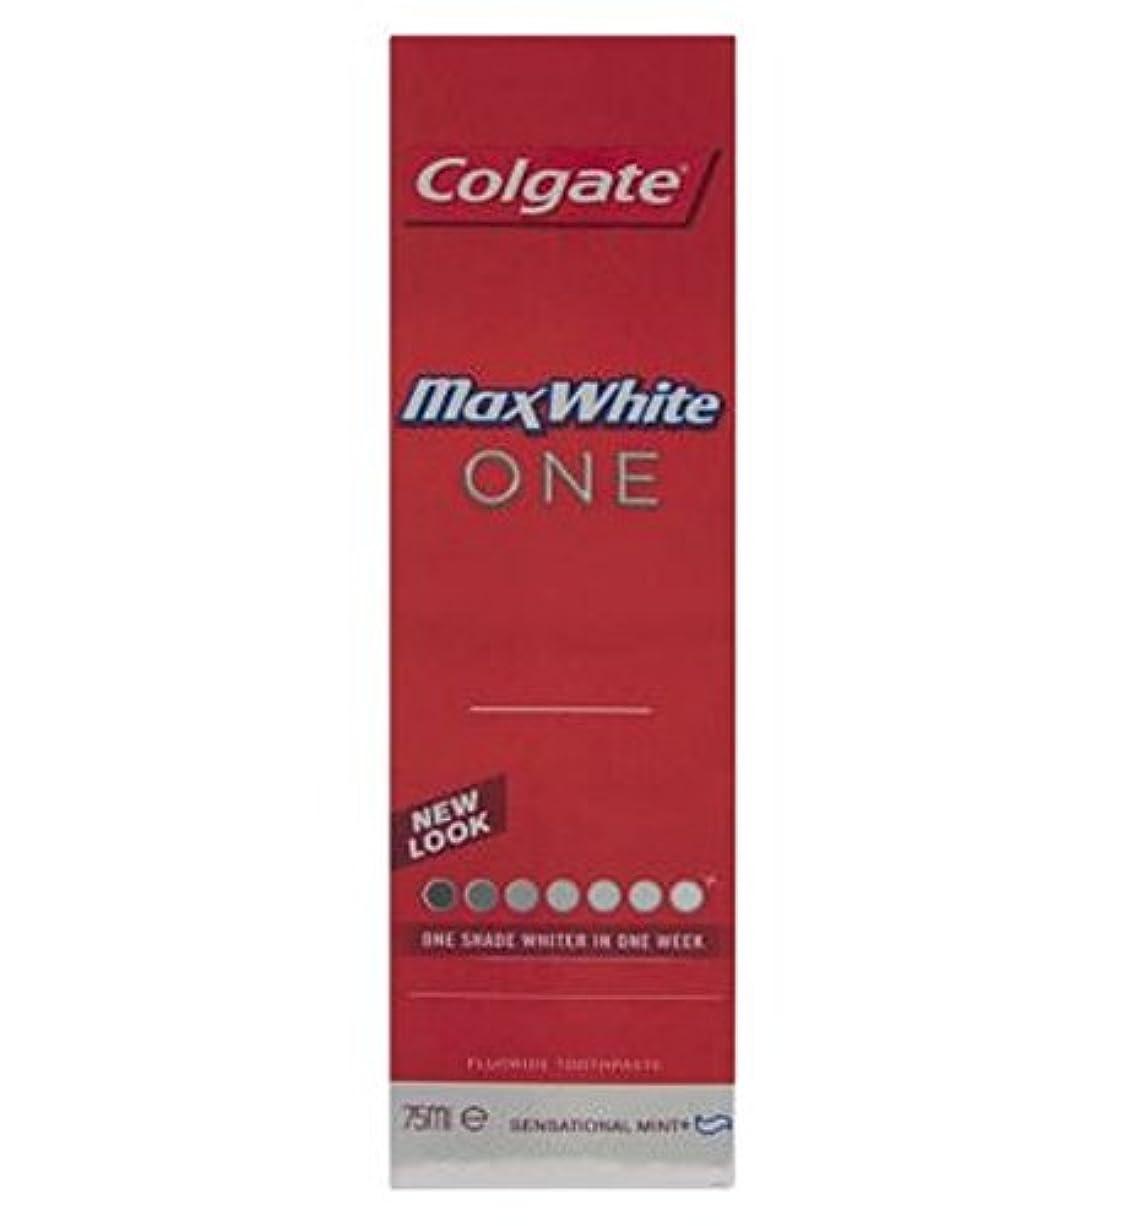 アスリート補助開拓者Colgate Max White One Fresh toothpaste 75ml - コルゲートマックスホワイト1新鮮な歯磨き粉75ミリリットル (Colgate) [並行輸入品]